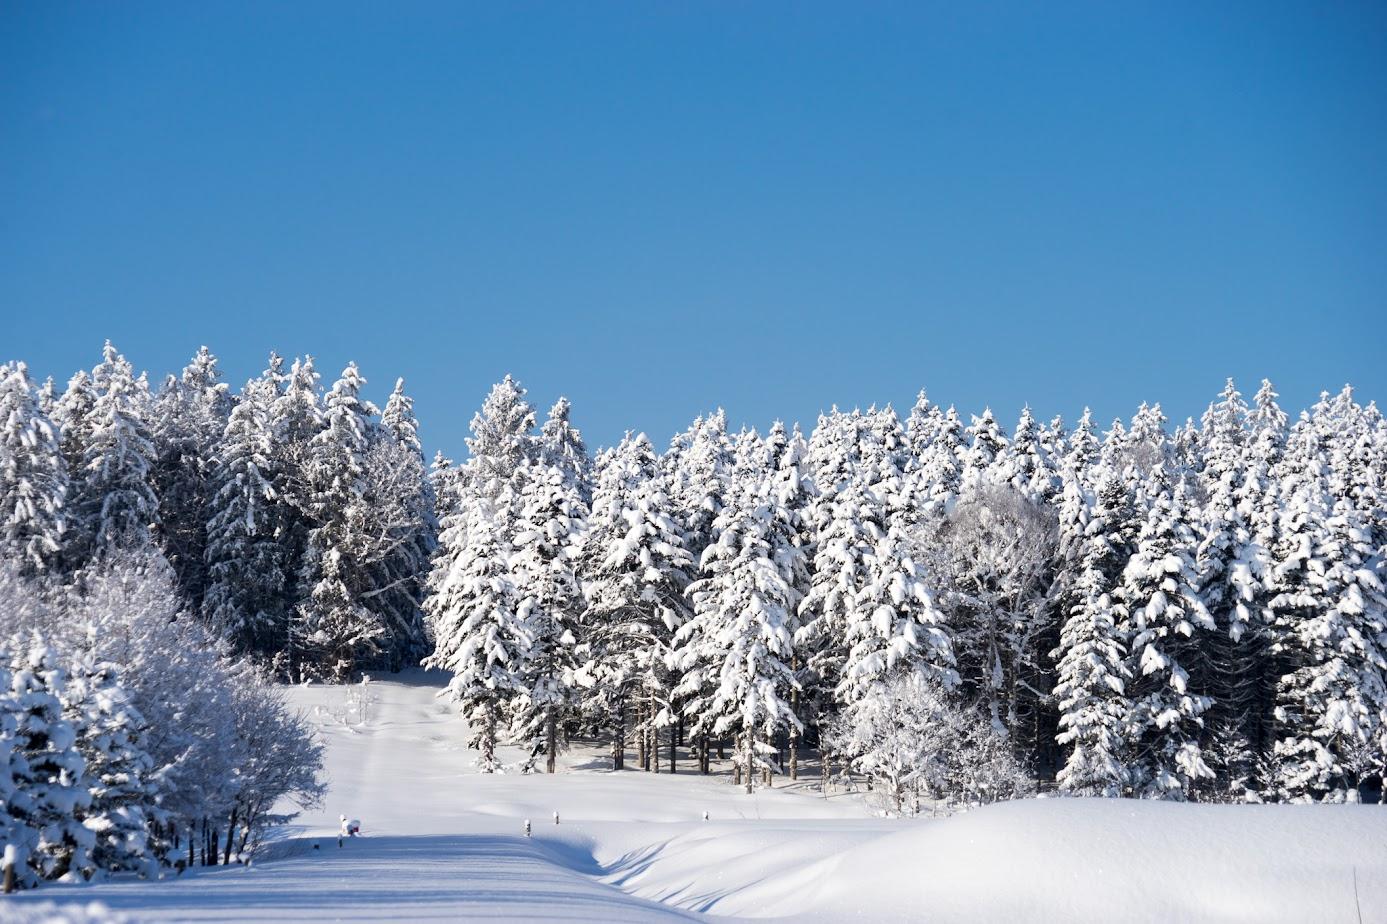 冬将軍軍団の行進